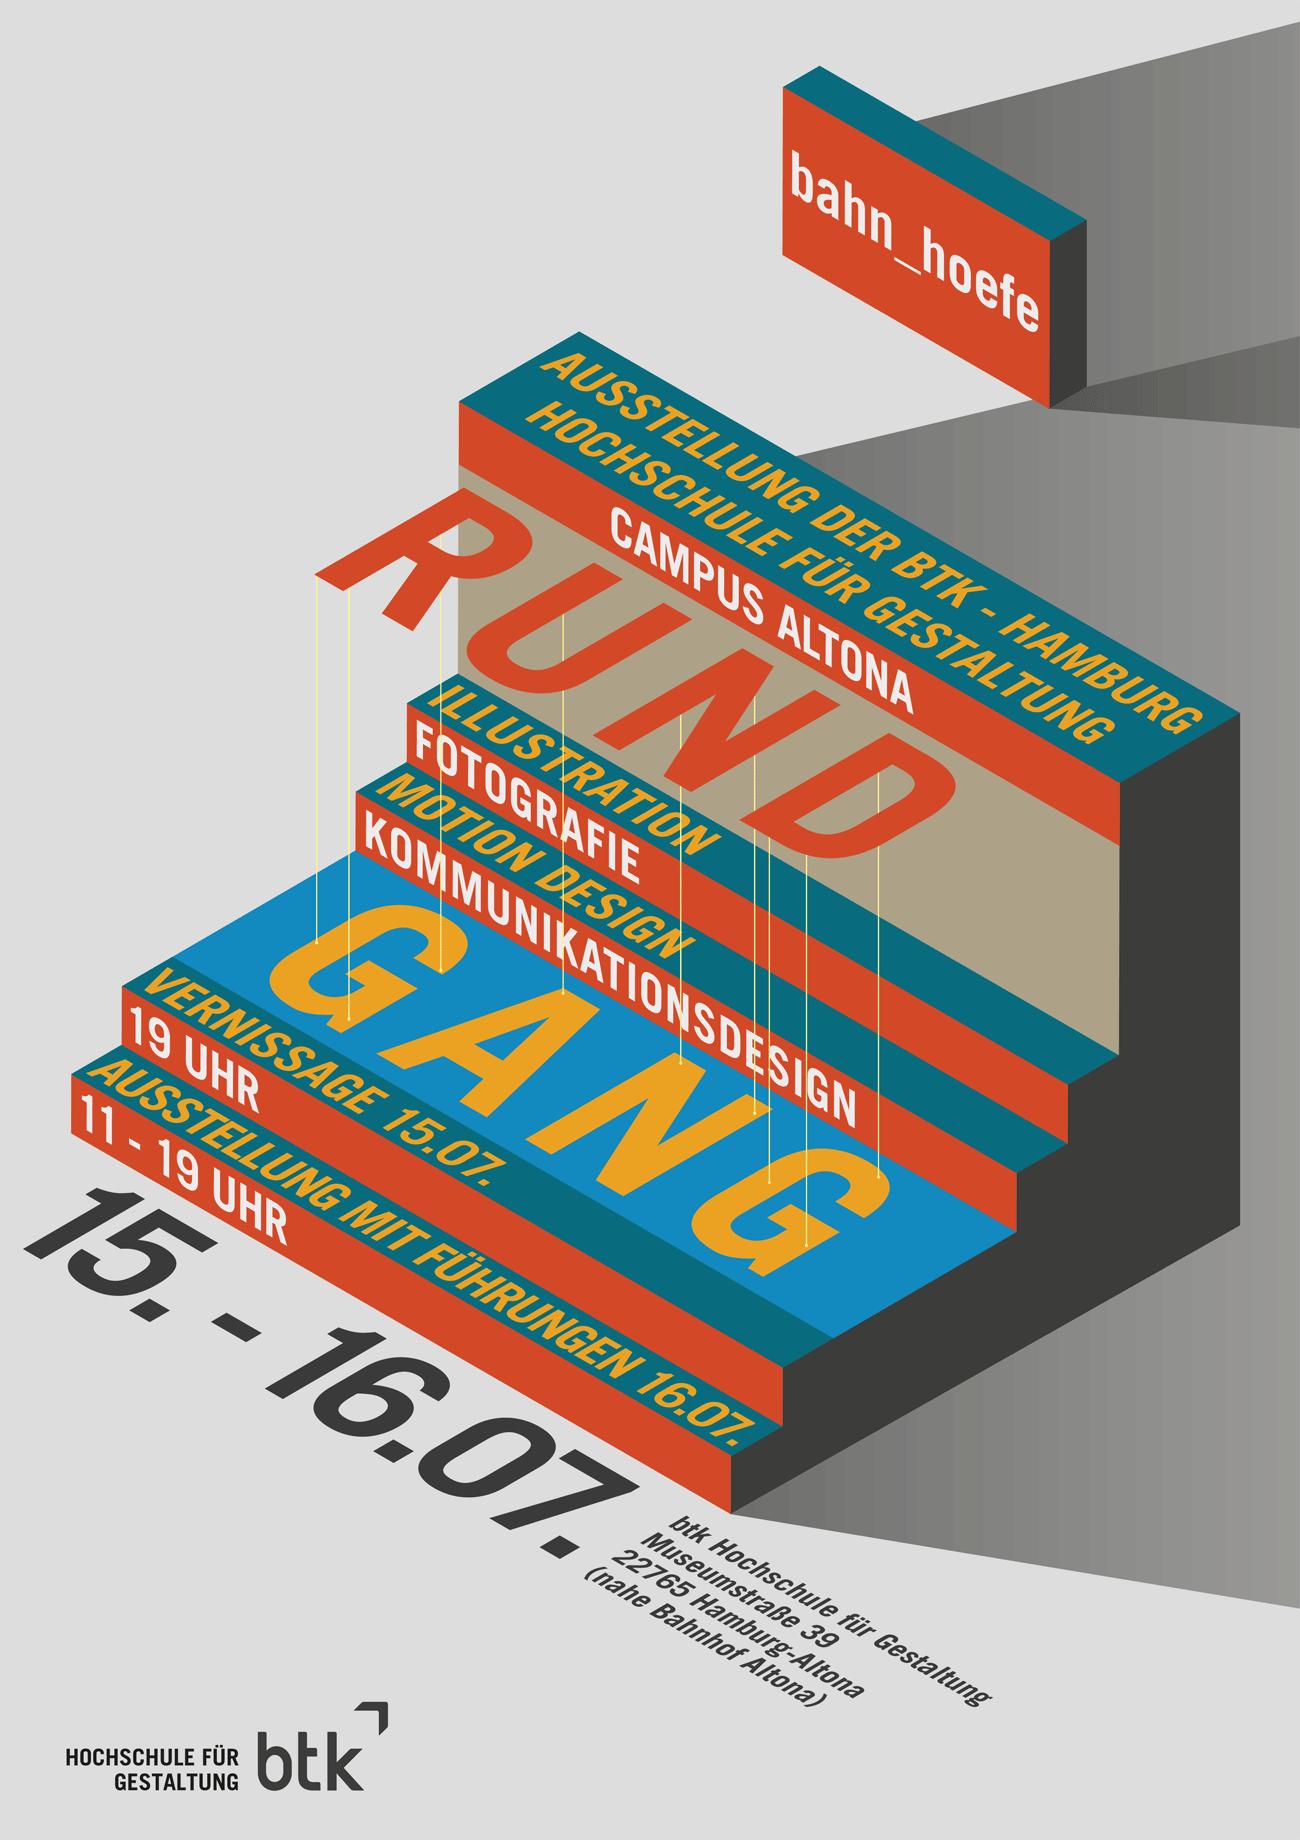 RUNDGANG-BTK-HAMBURG_by_Marco_Wesche